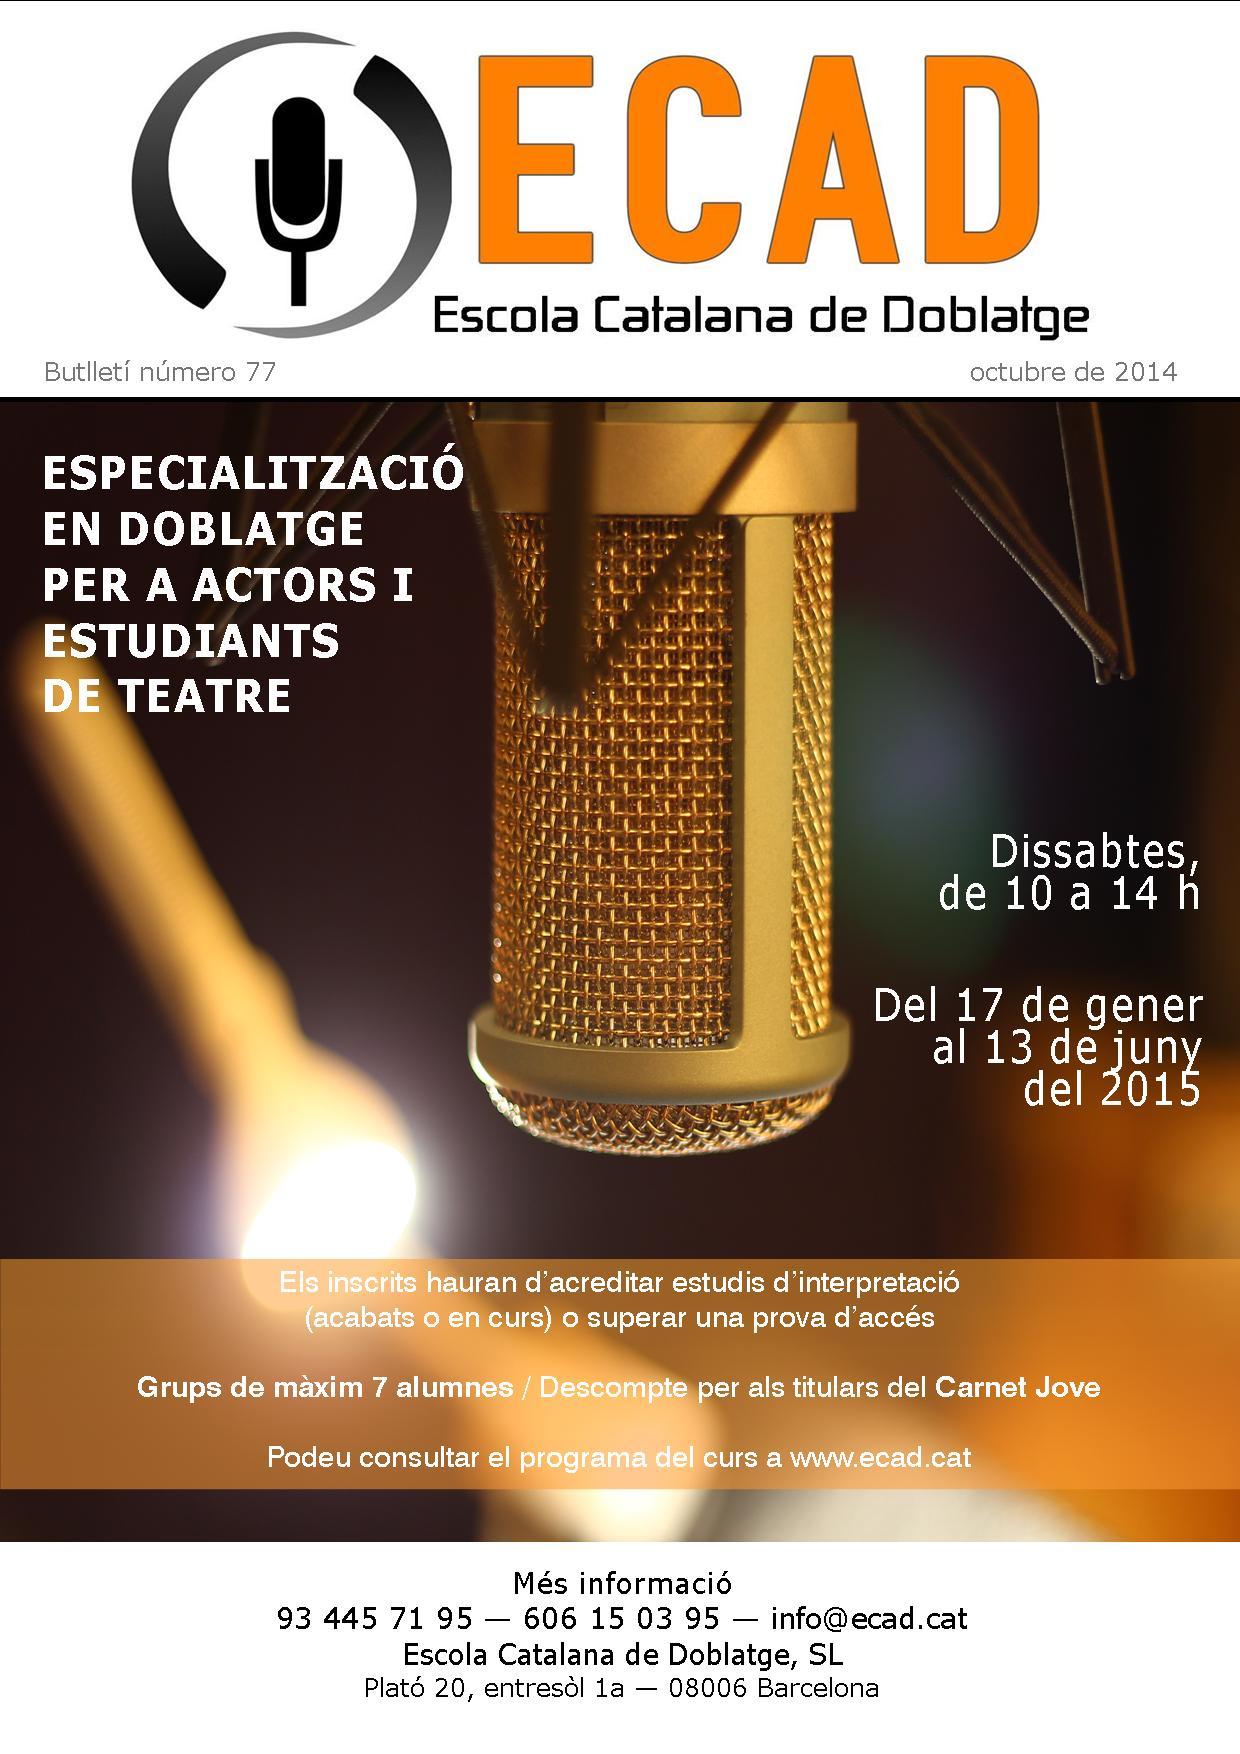 Especialización en doblaje para actores y estudiantes de teatro / Boletín 77